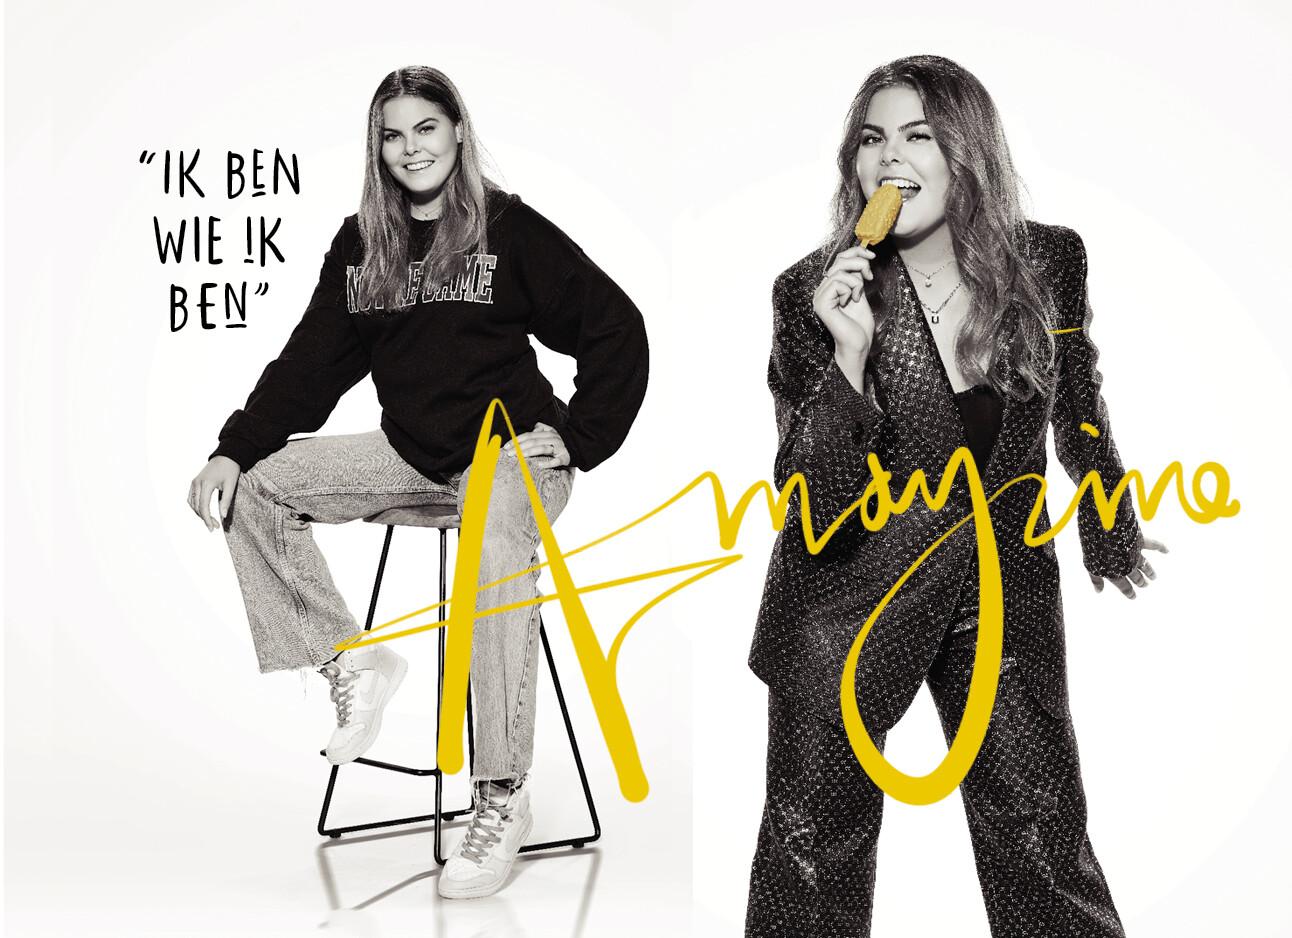 Exclusief interview Gravin Eloise van Oranje